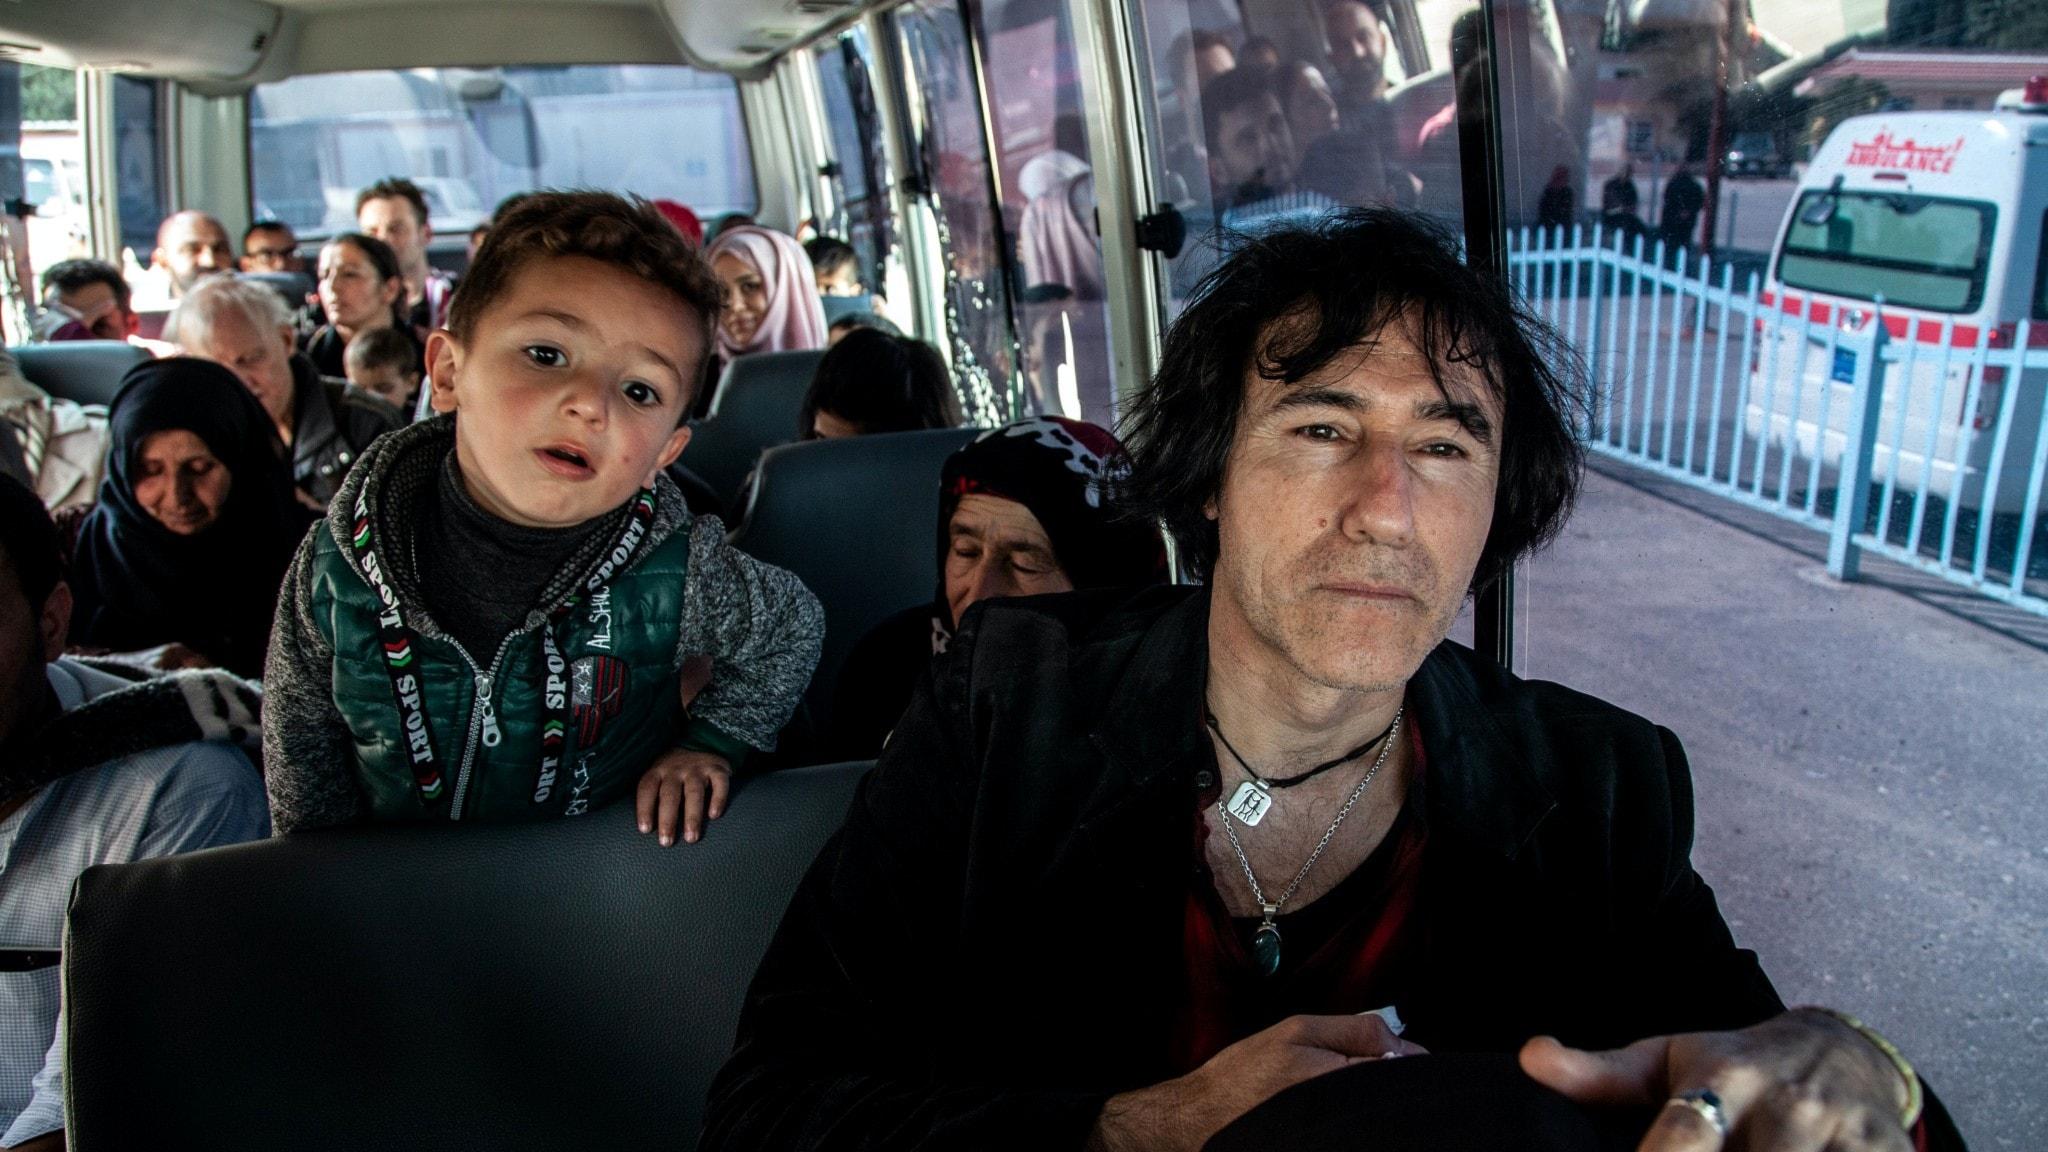 En man som vill rädda sina barnbarn ur ett flyktingläger sitter på en buss i Irak. En liten pojke bakom honom tittar fram över sätet.